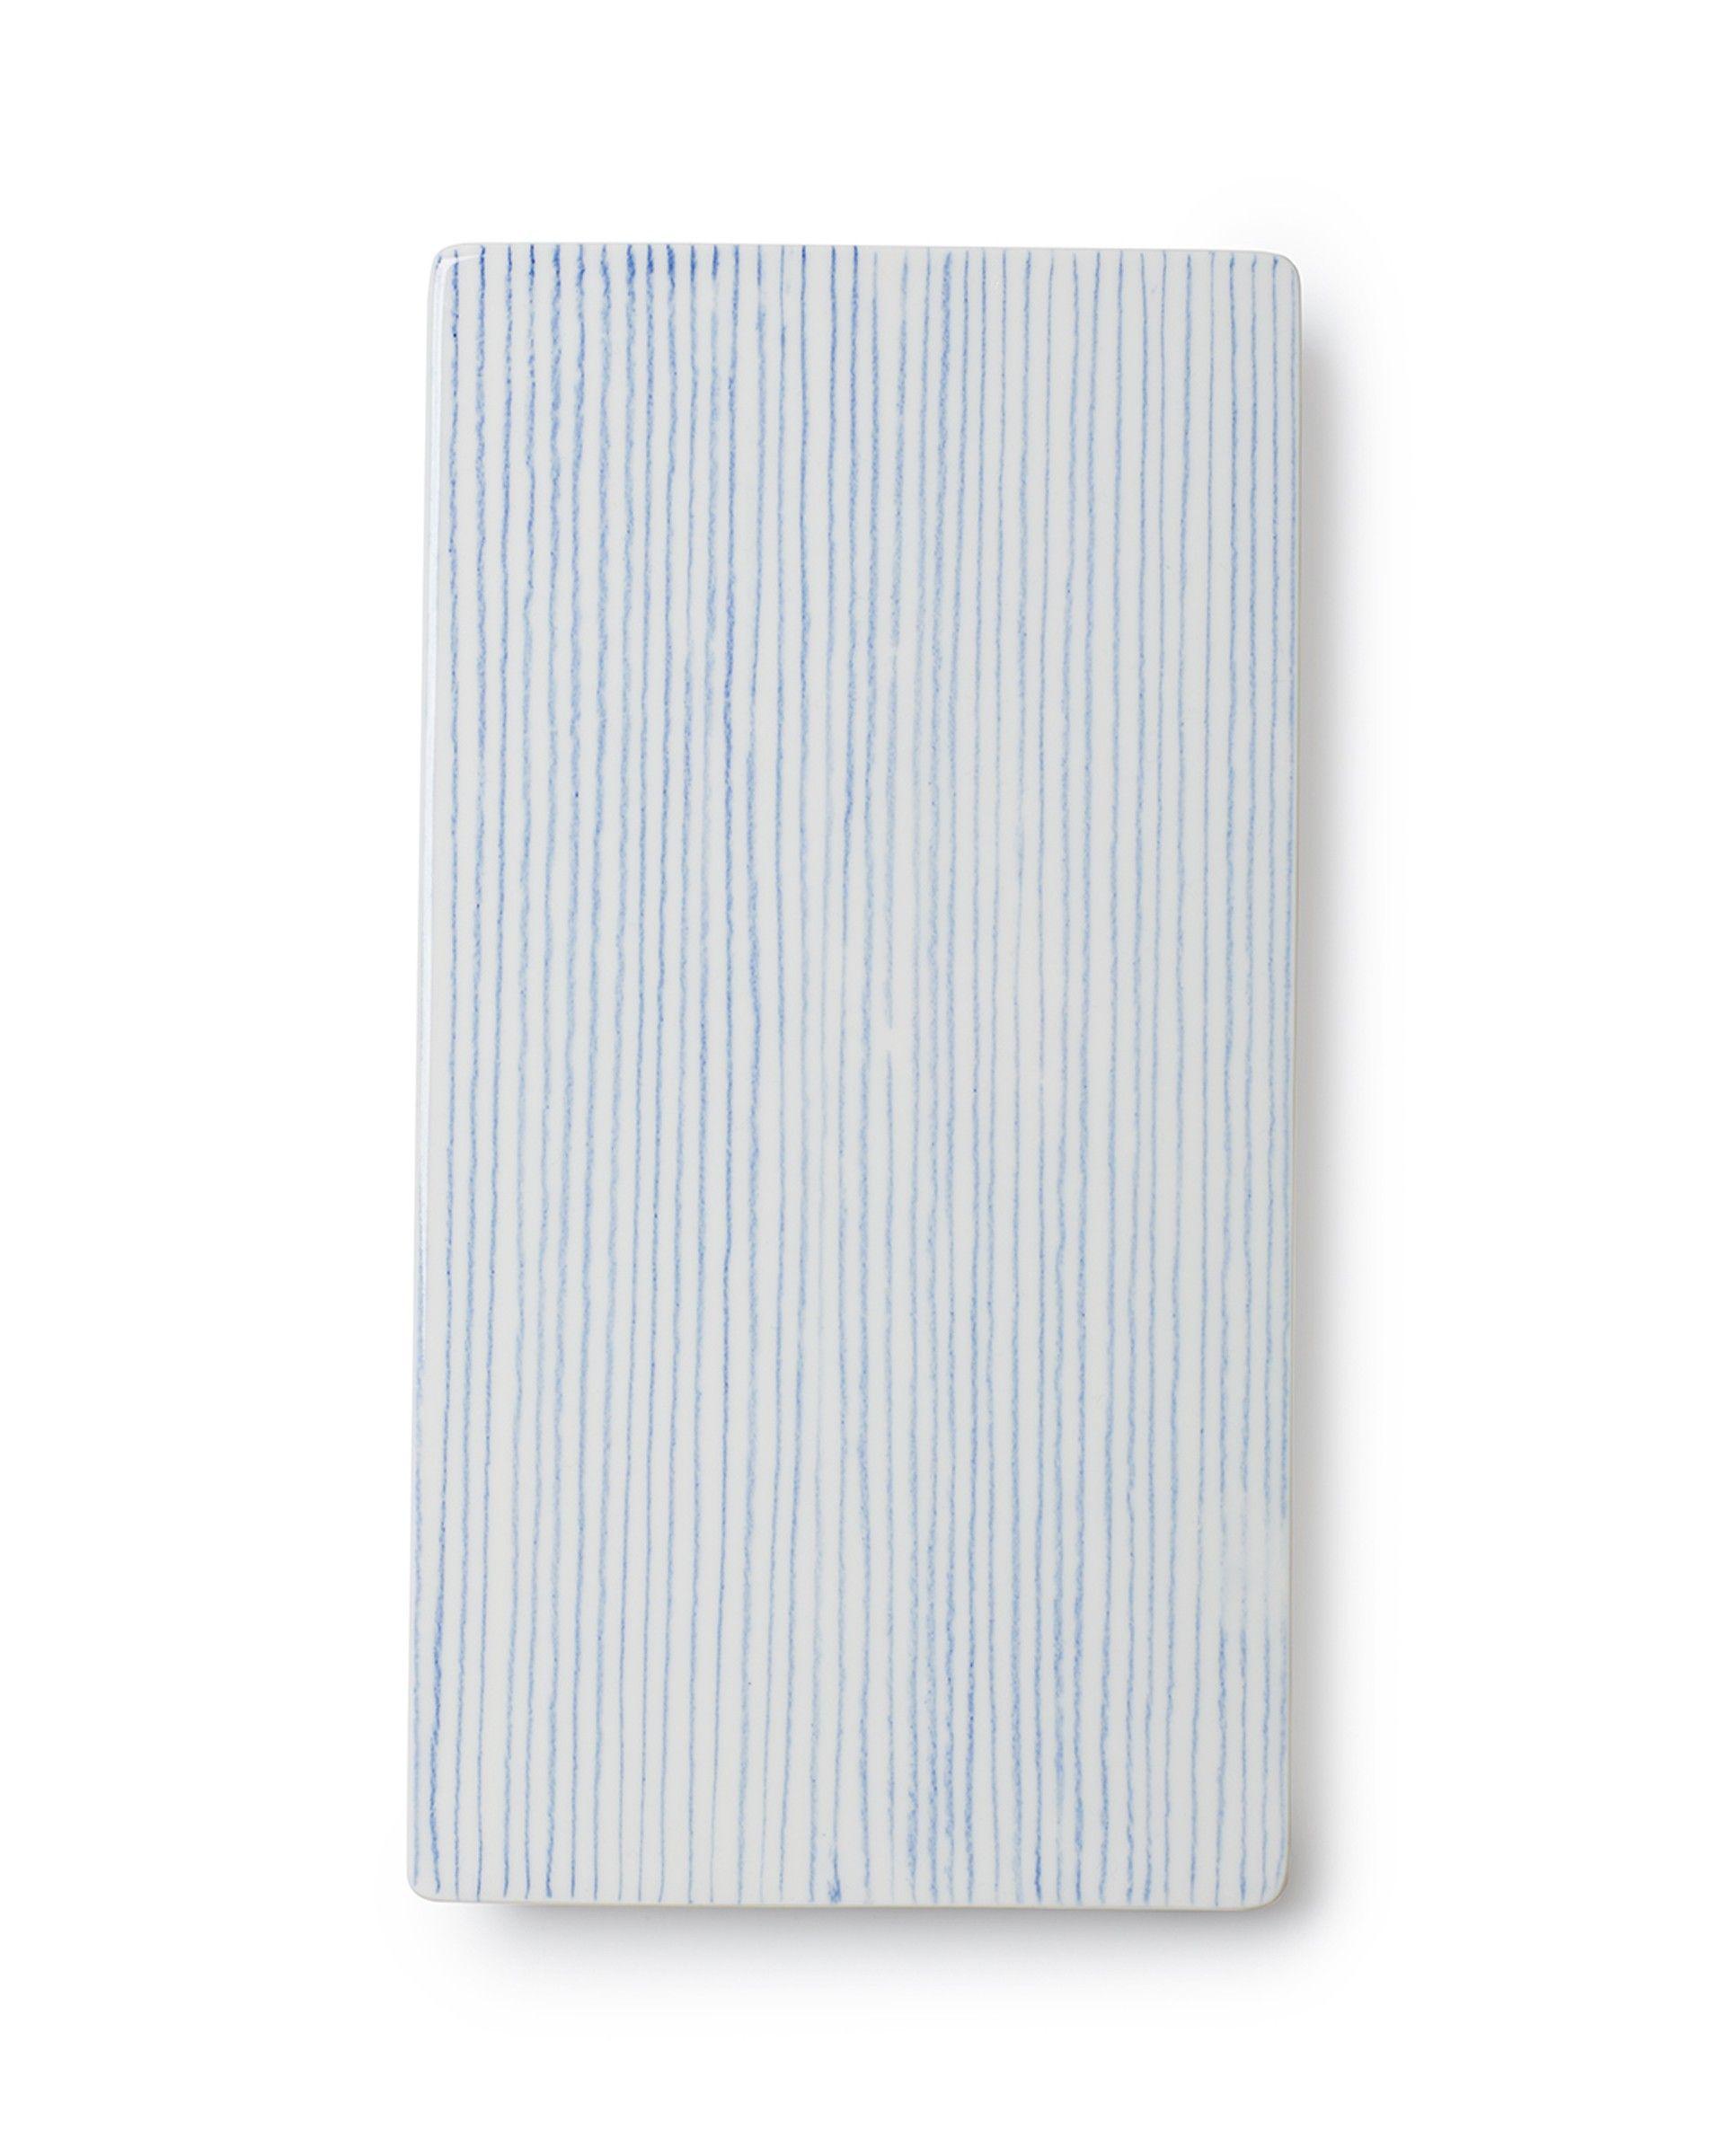 Stripes tile blue large